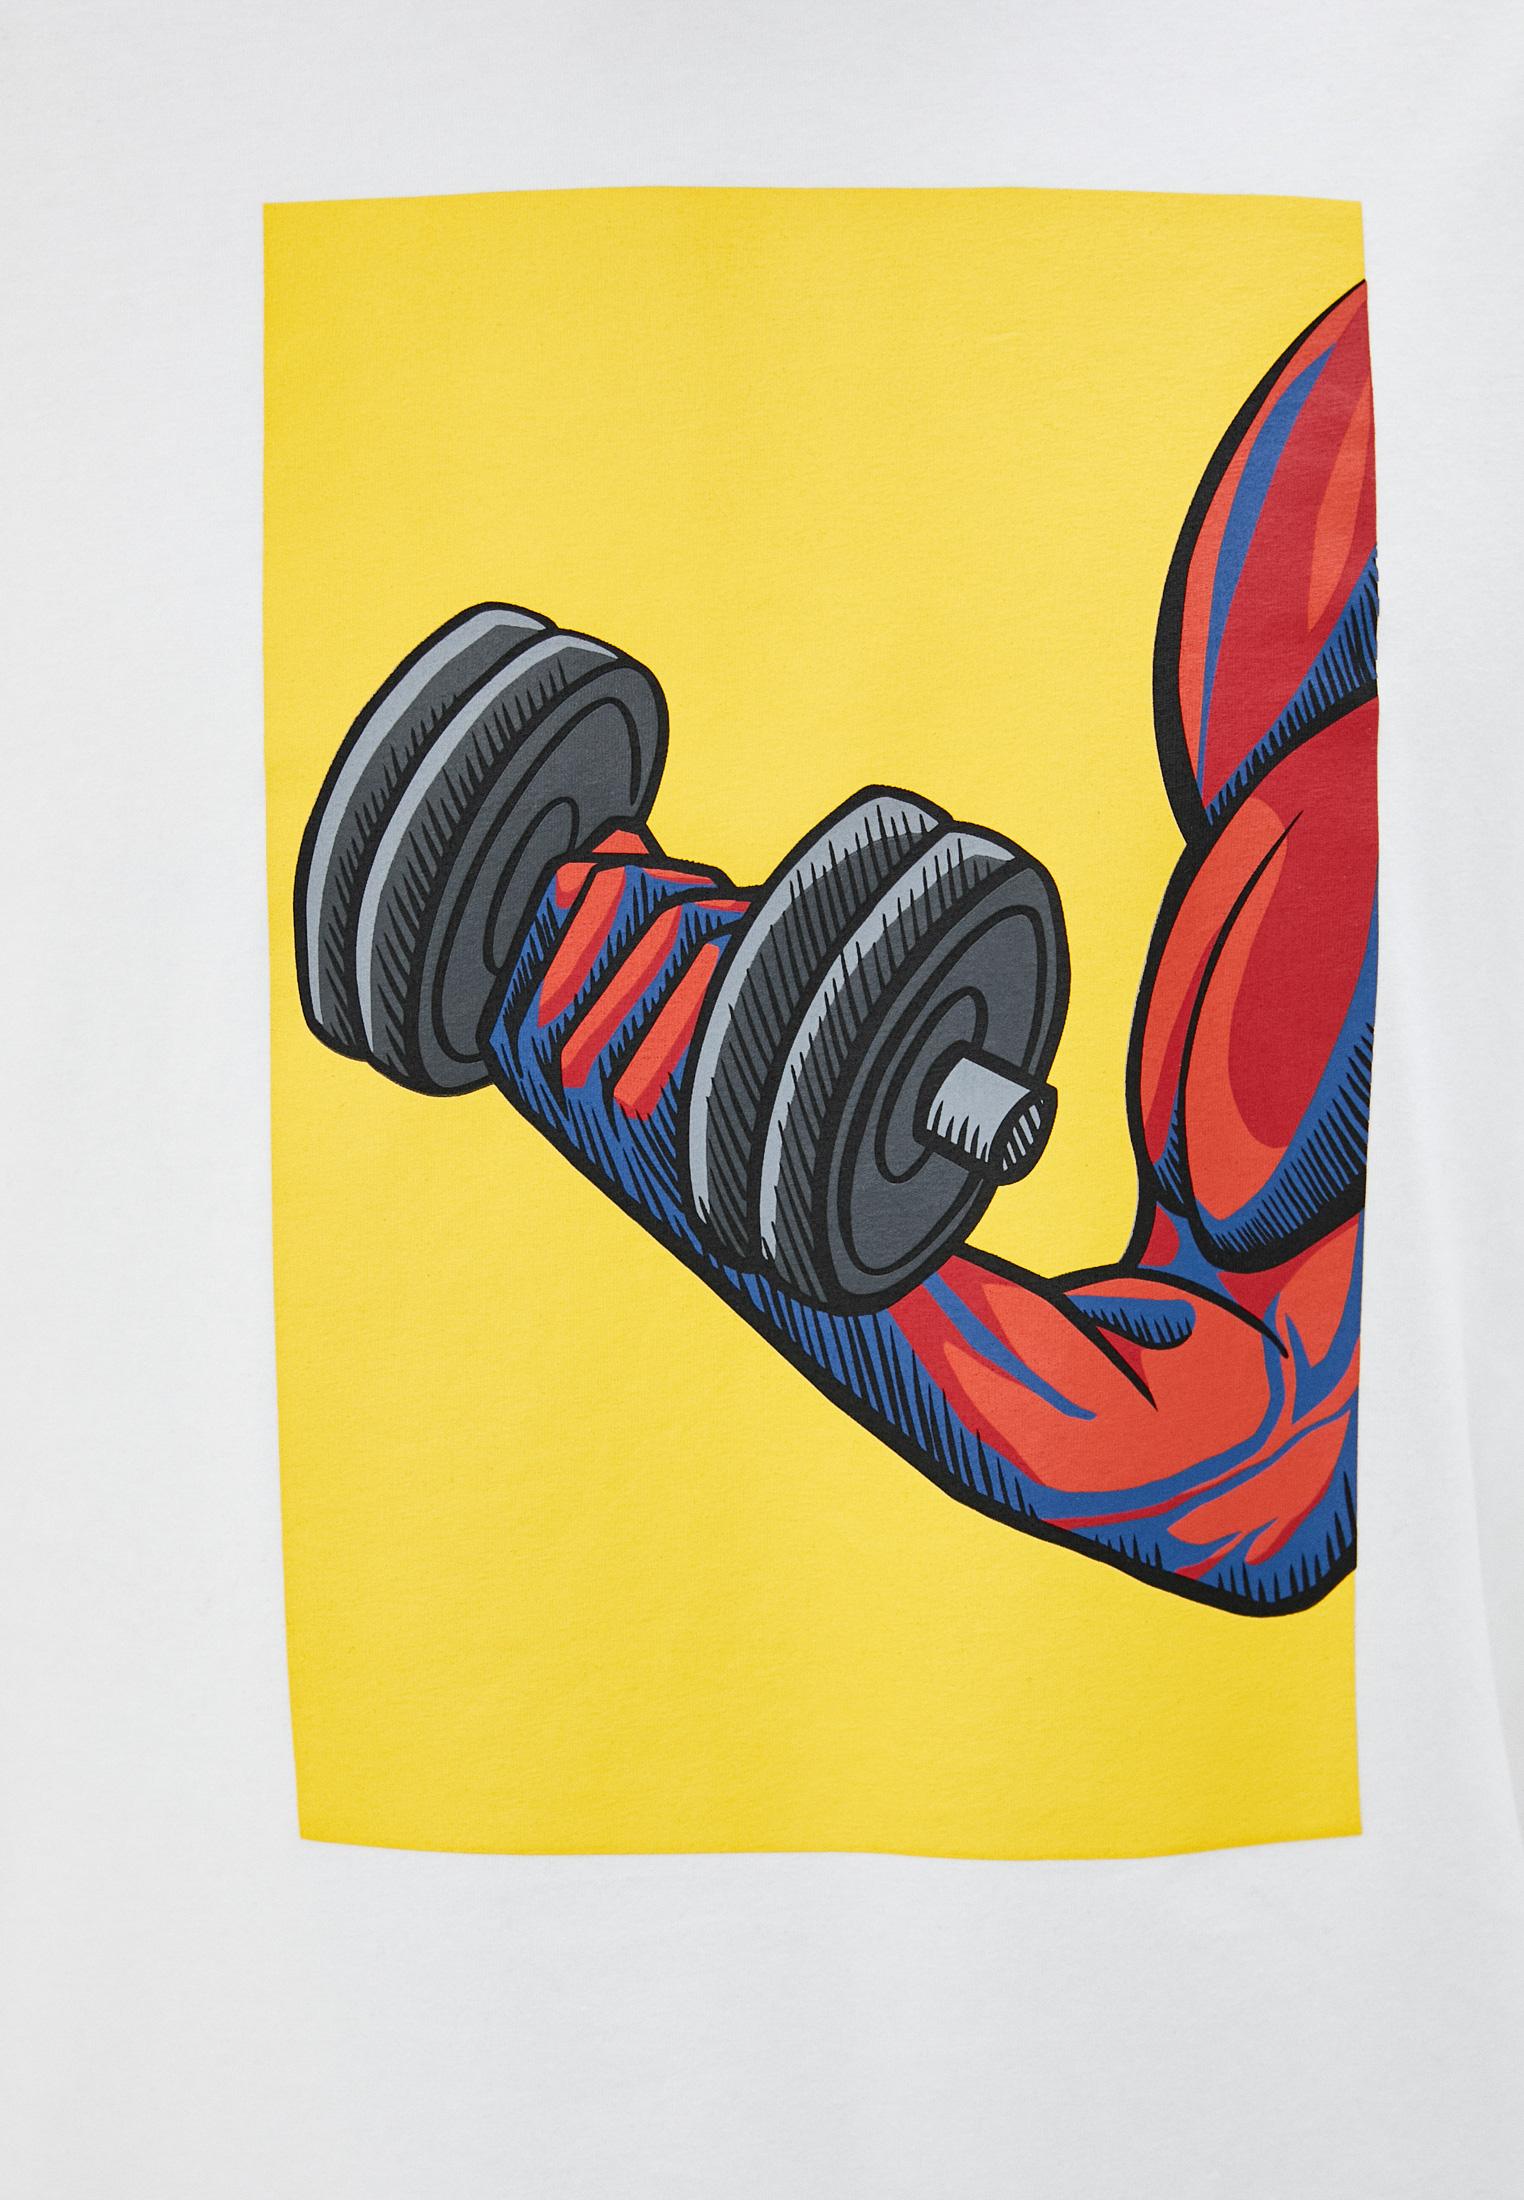 Мужская футболка Bikkembergs (Биккембергс) C 4 114 02 E 2273: изображение 5